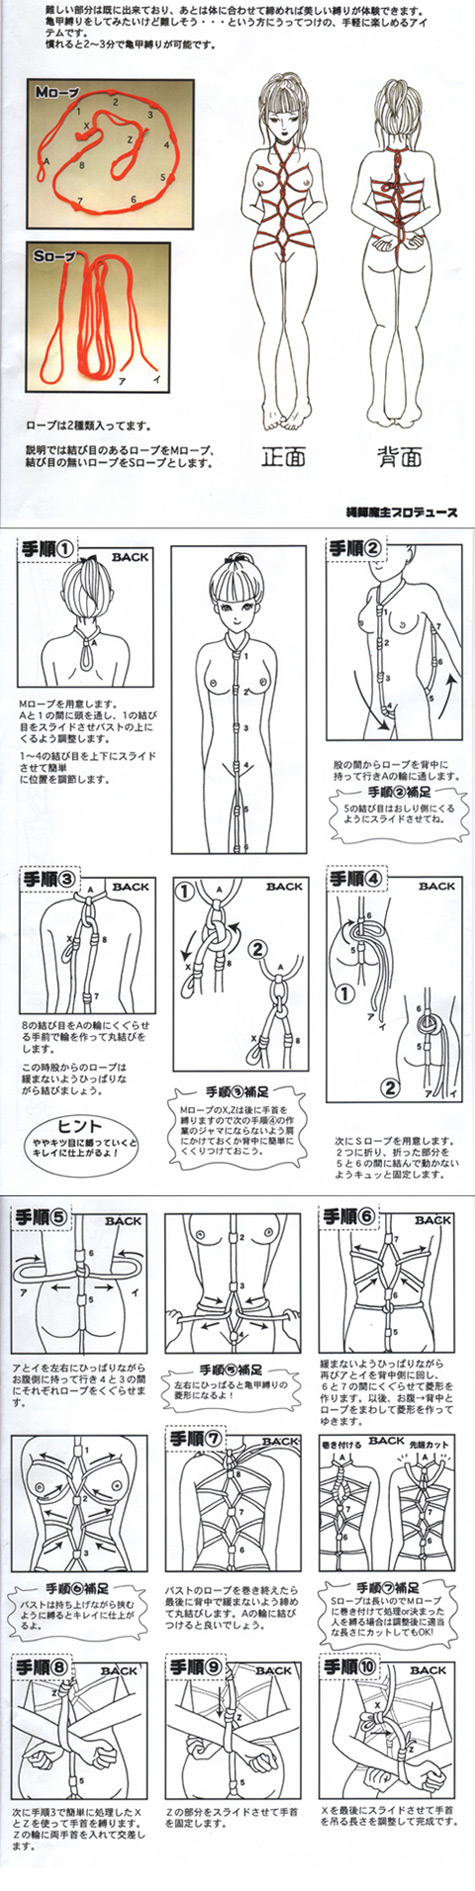 onahole to clean an how Doki doki literature club natsuki neck break